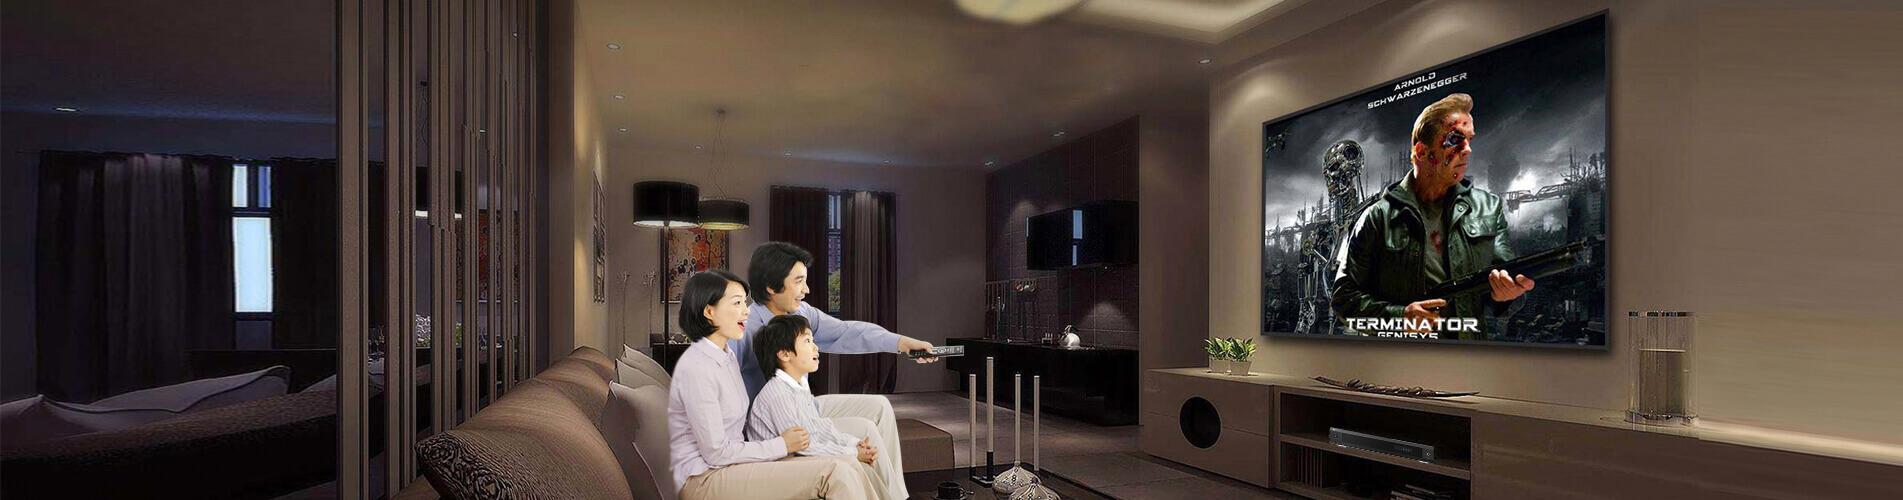 w9ii-eweat-smart-tv-box-banner-1030x500